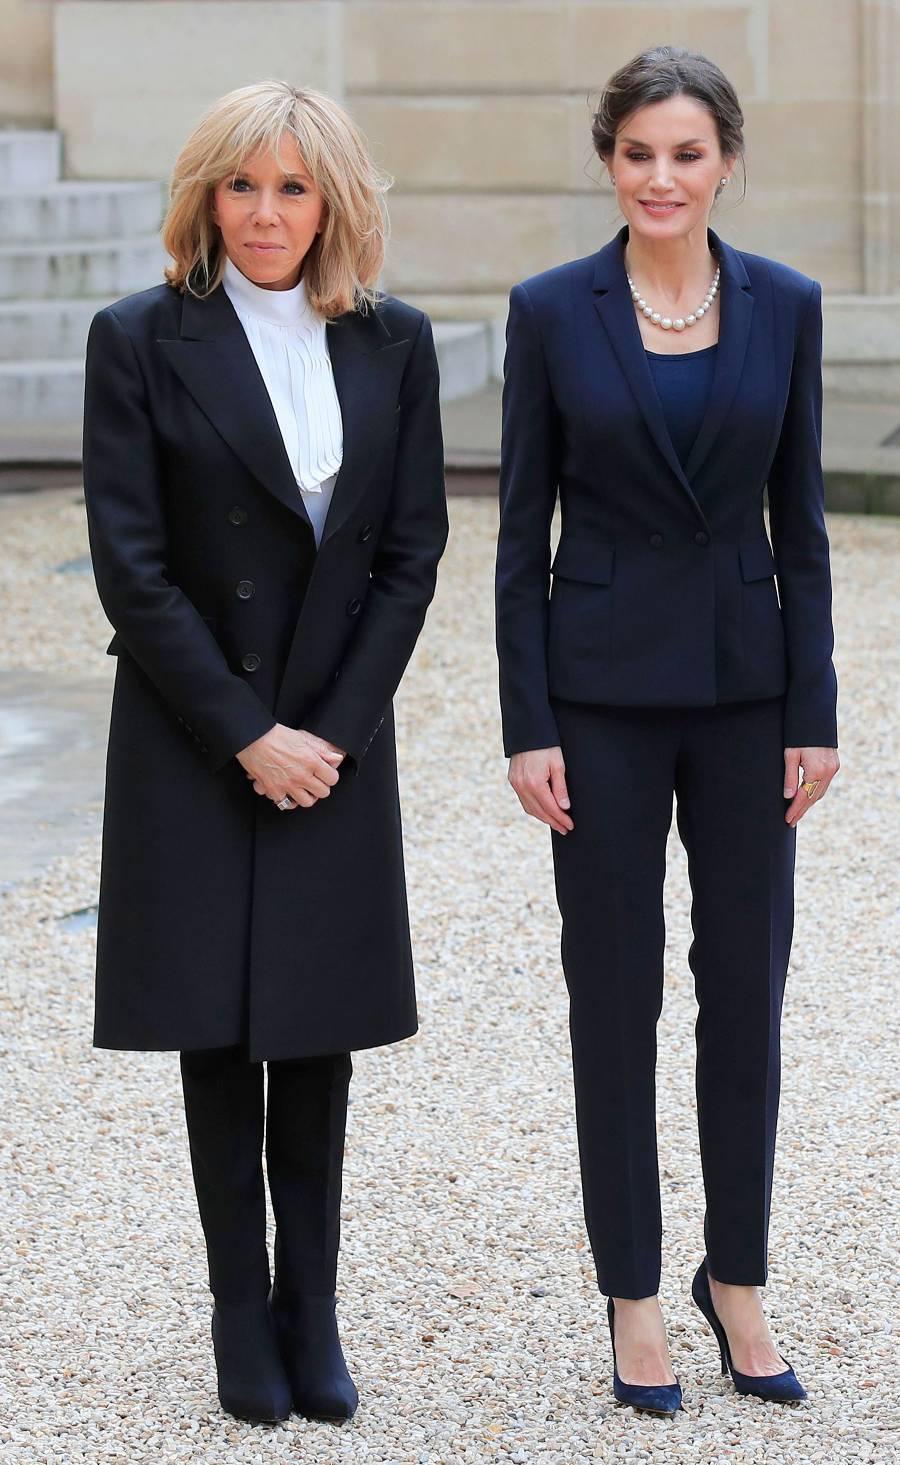 Queen Letizia Navy Suit March 11, 2020